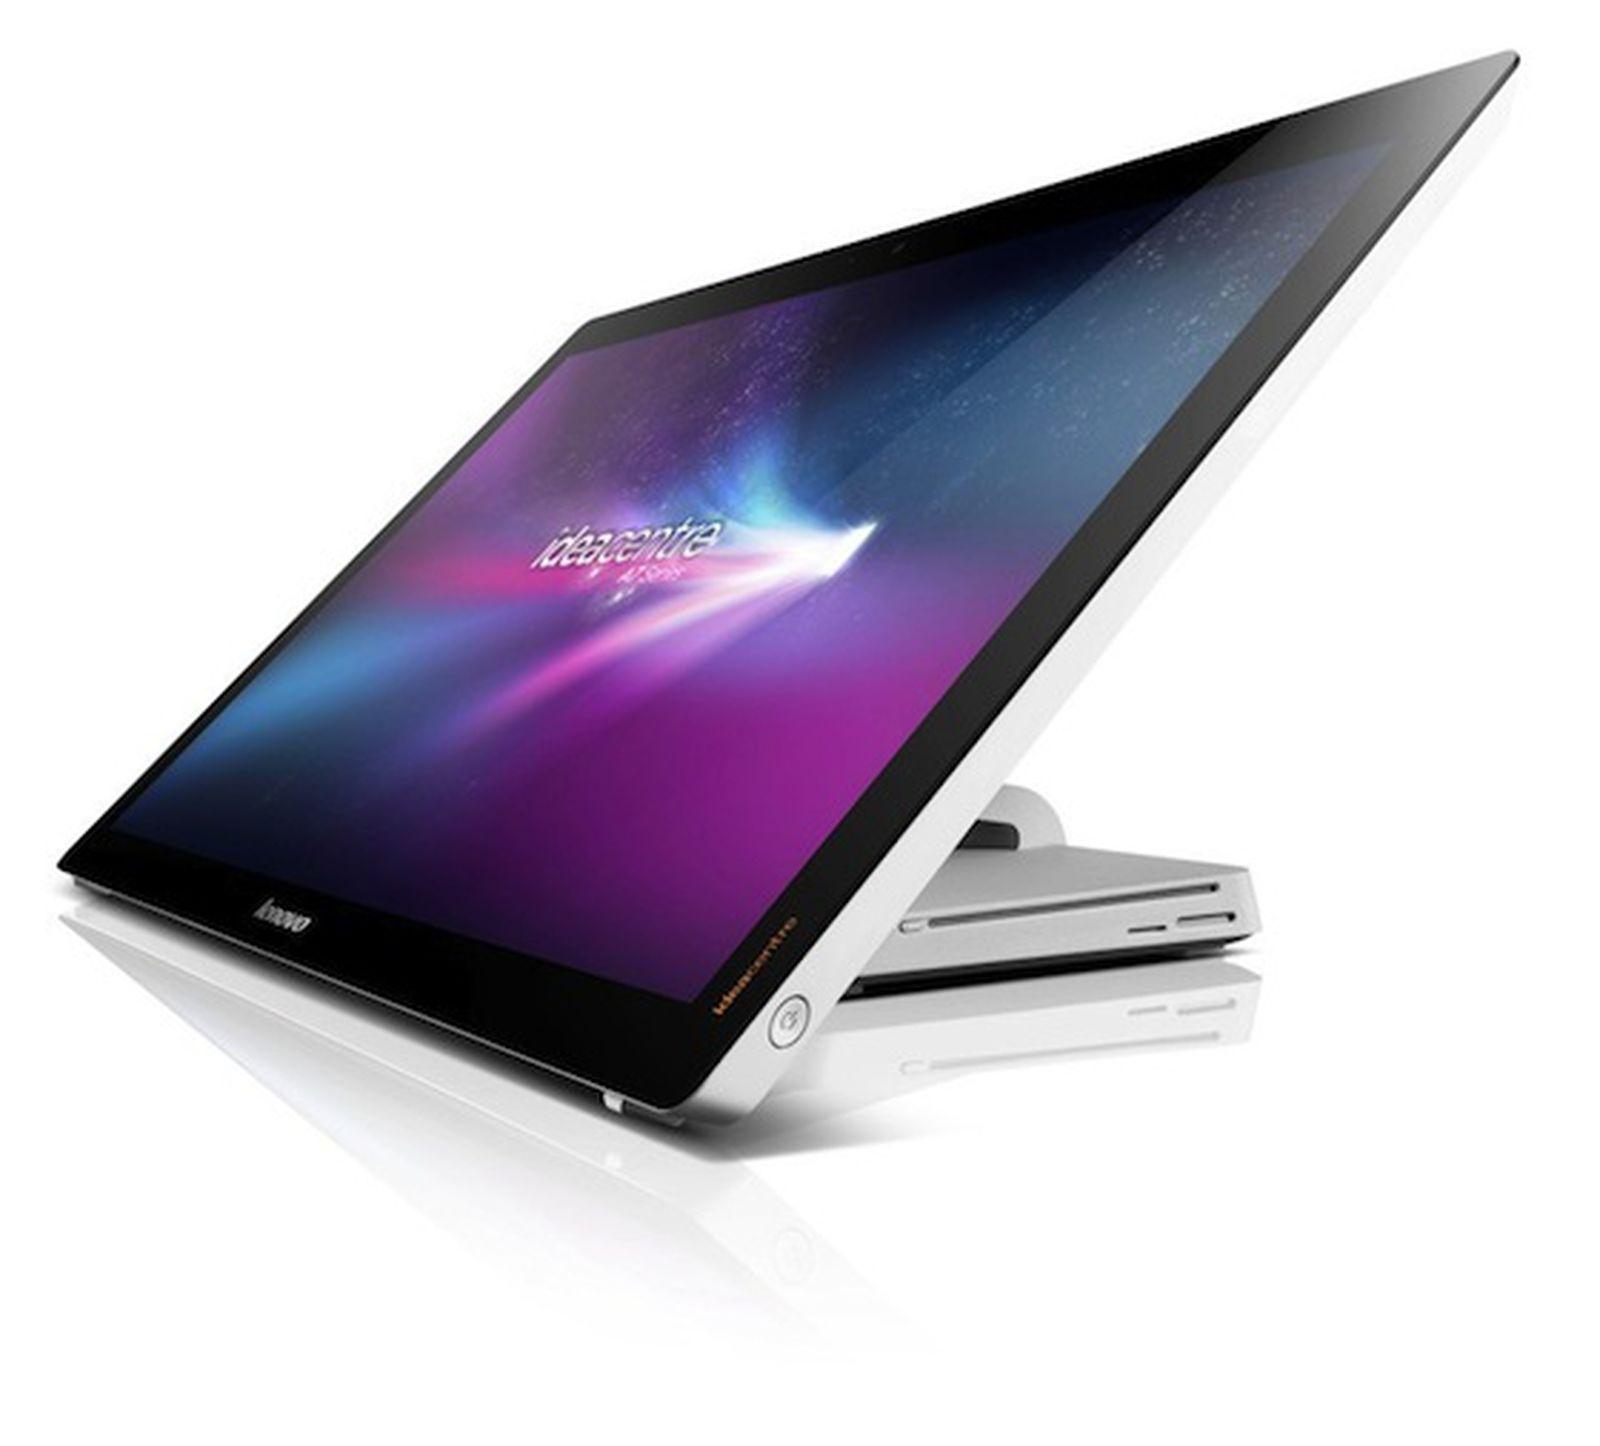 CES 2012: Lenovo Brings Apple's Touchscreen iMac Concept ...